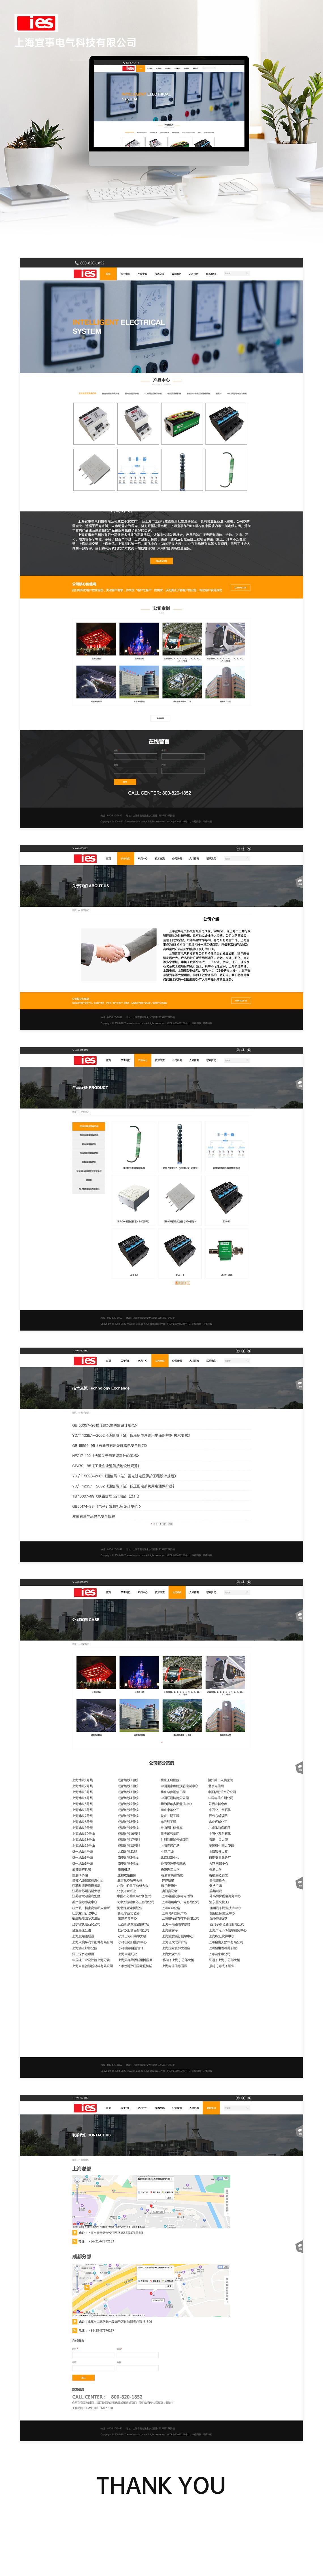 ies-asia.com